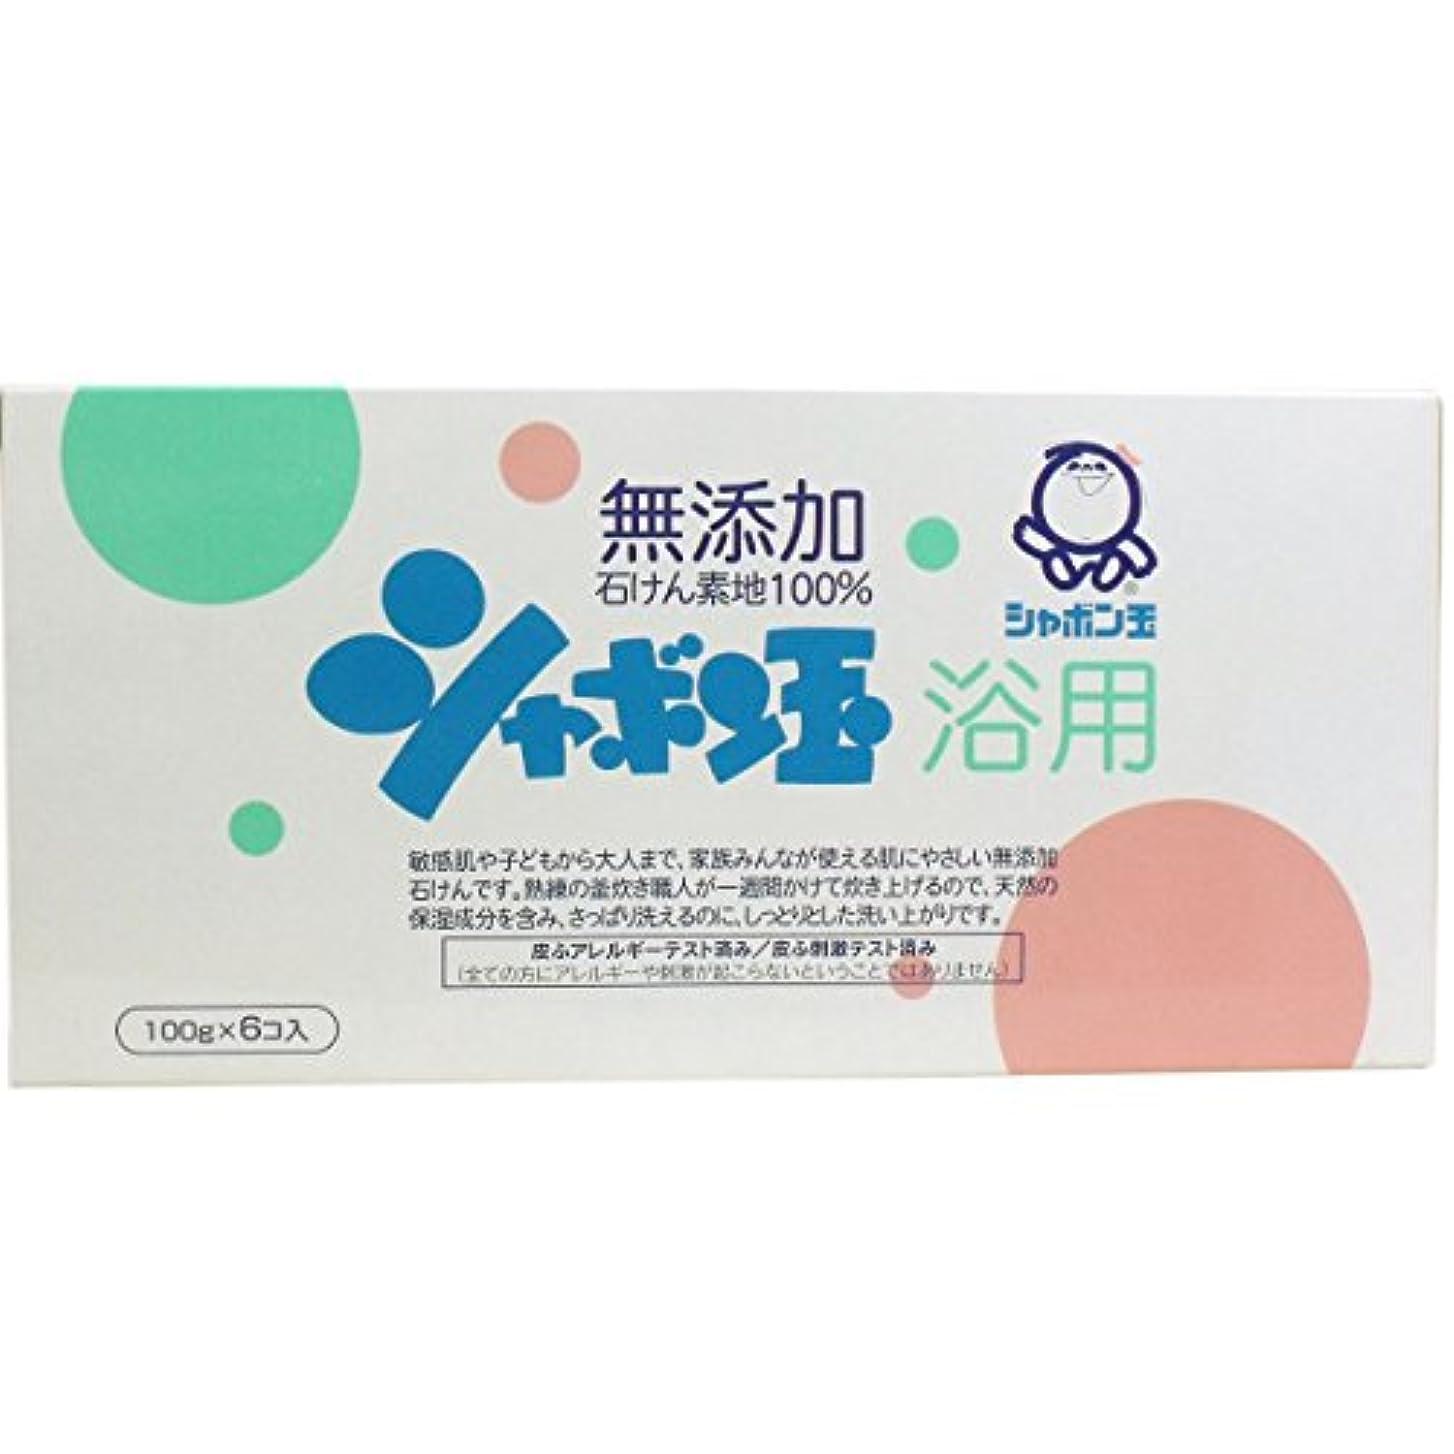 ハリウッド健康けん引【セット品】化粧石けんシャボン玉浴用 6P 100G×3セット